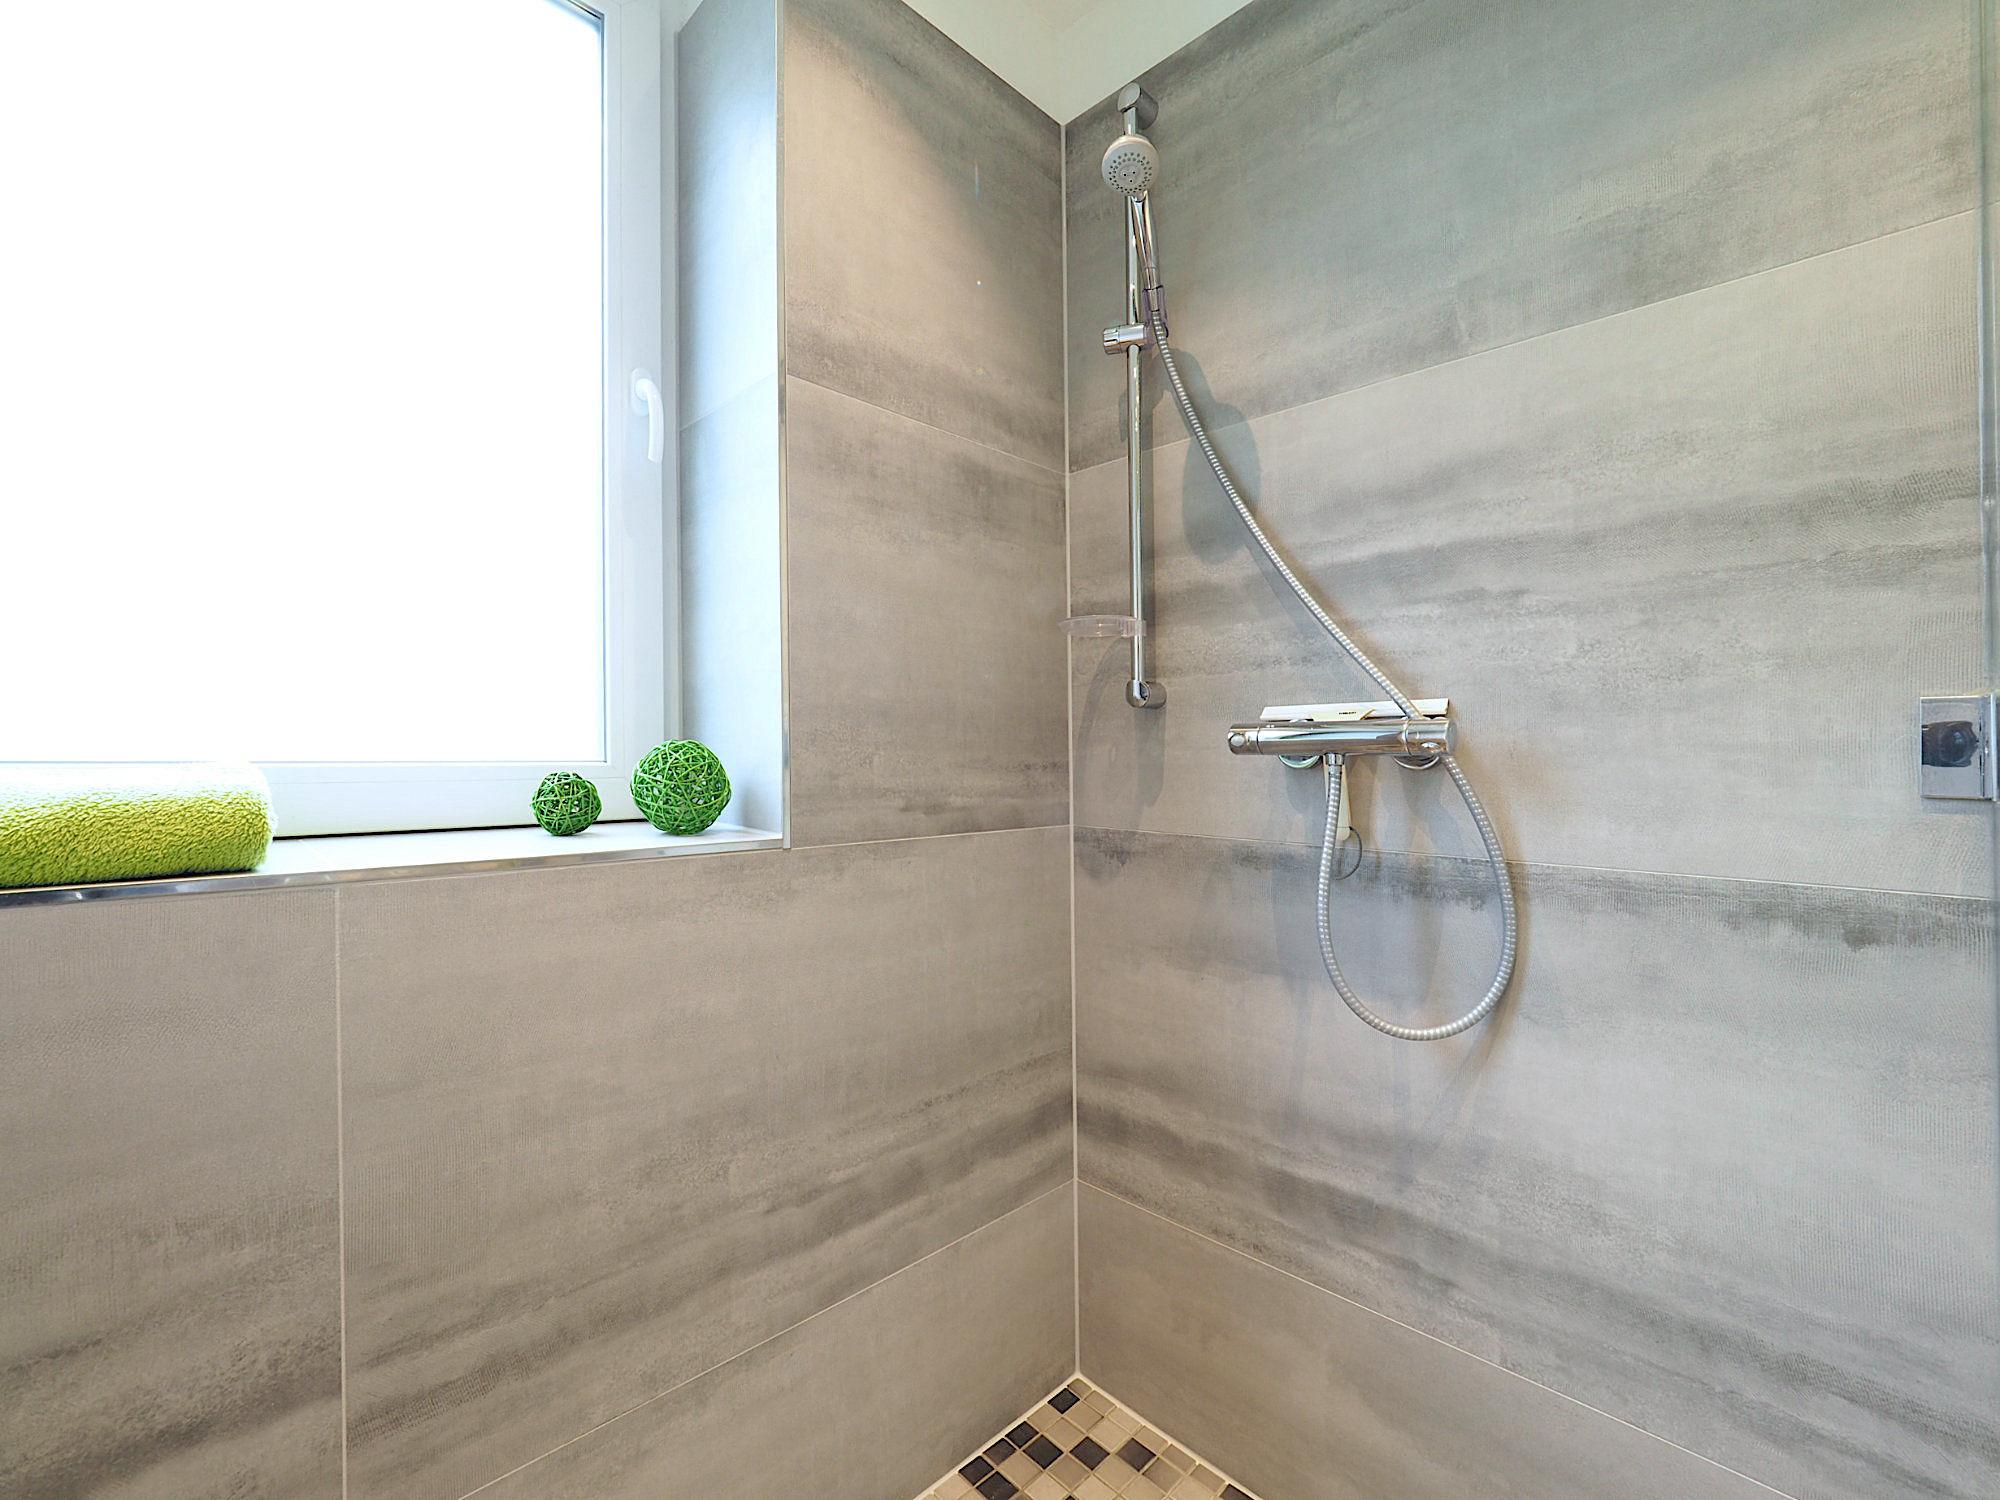 Blick in die geflieste Dusche mit Duscharmatur